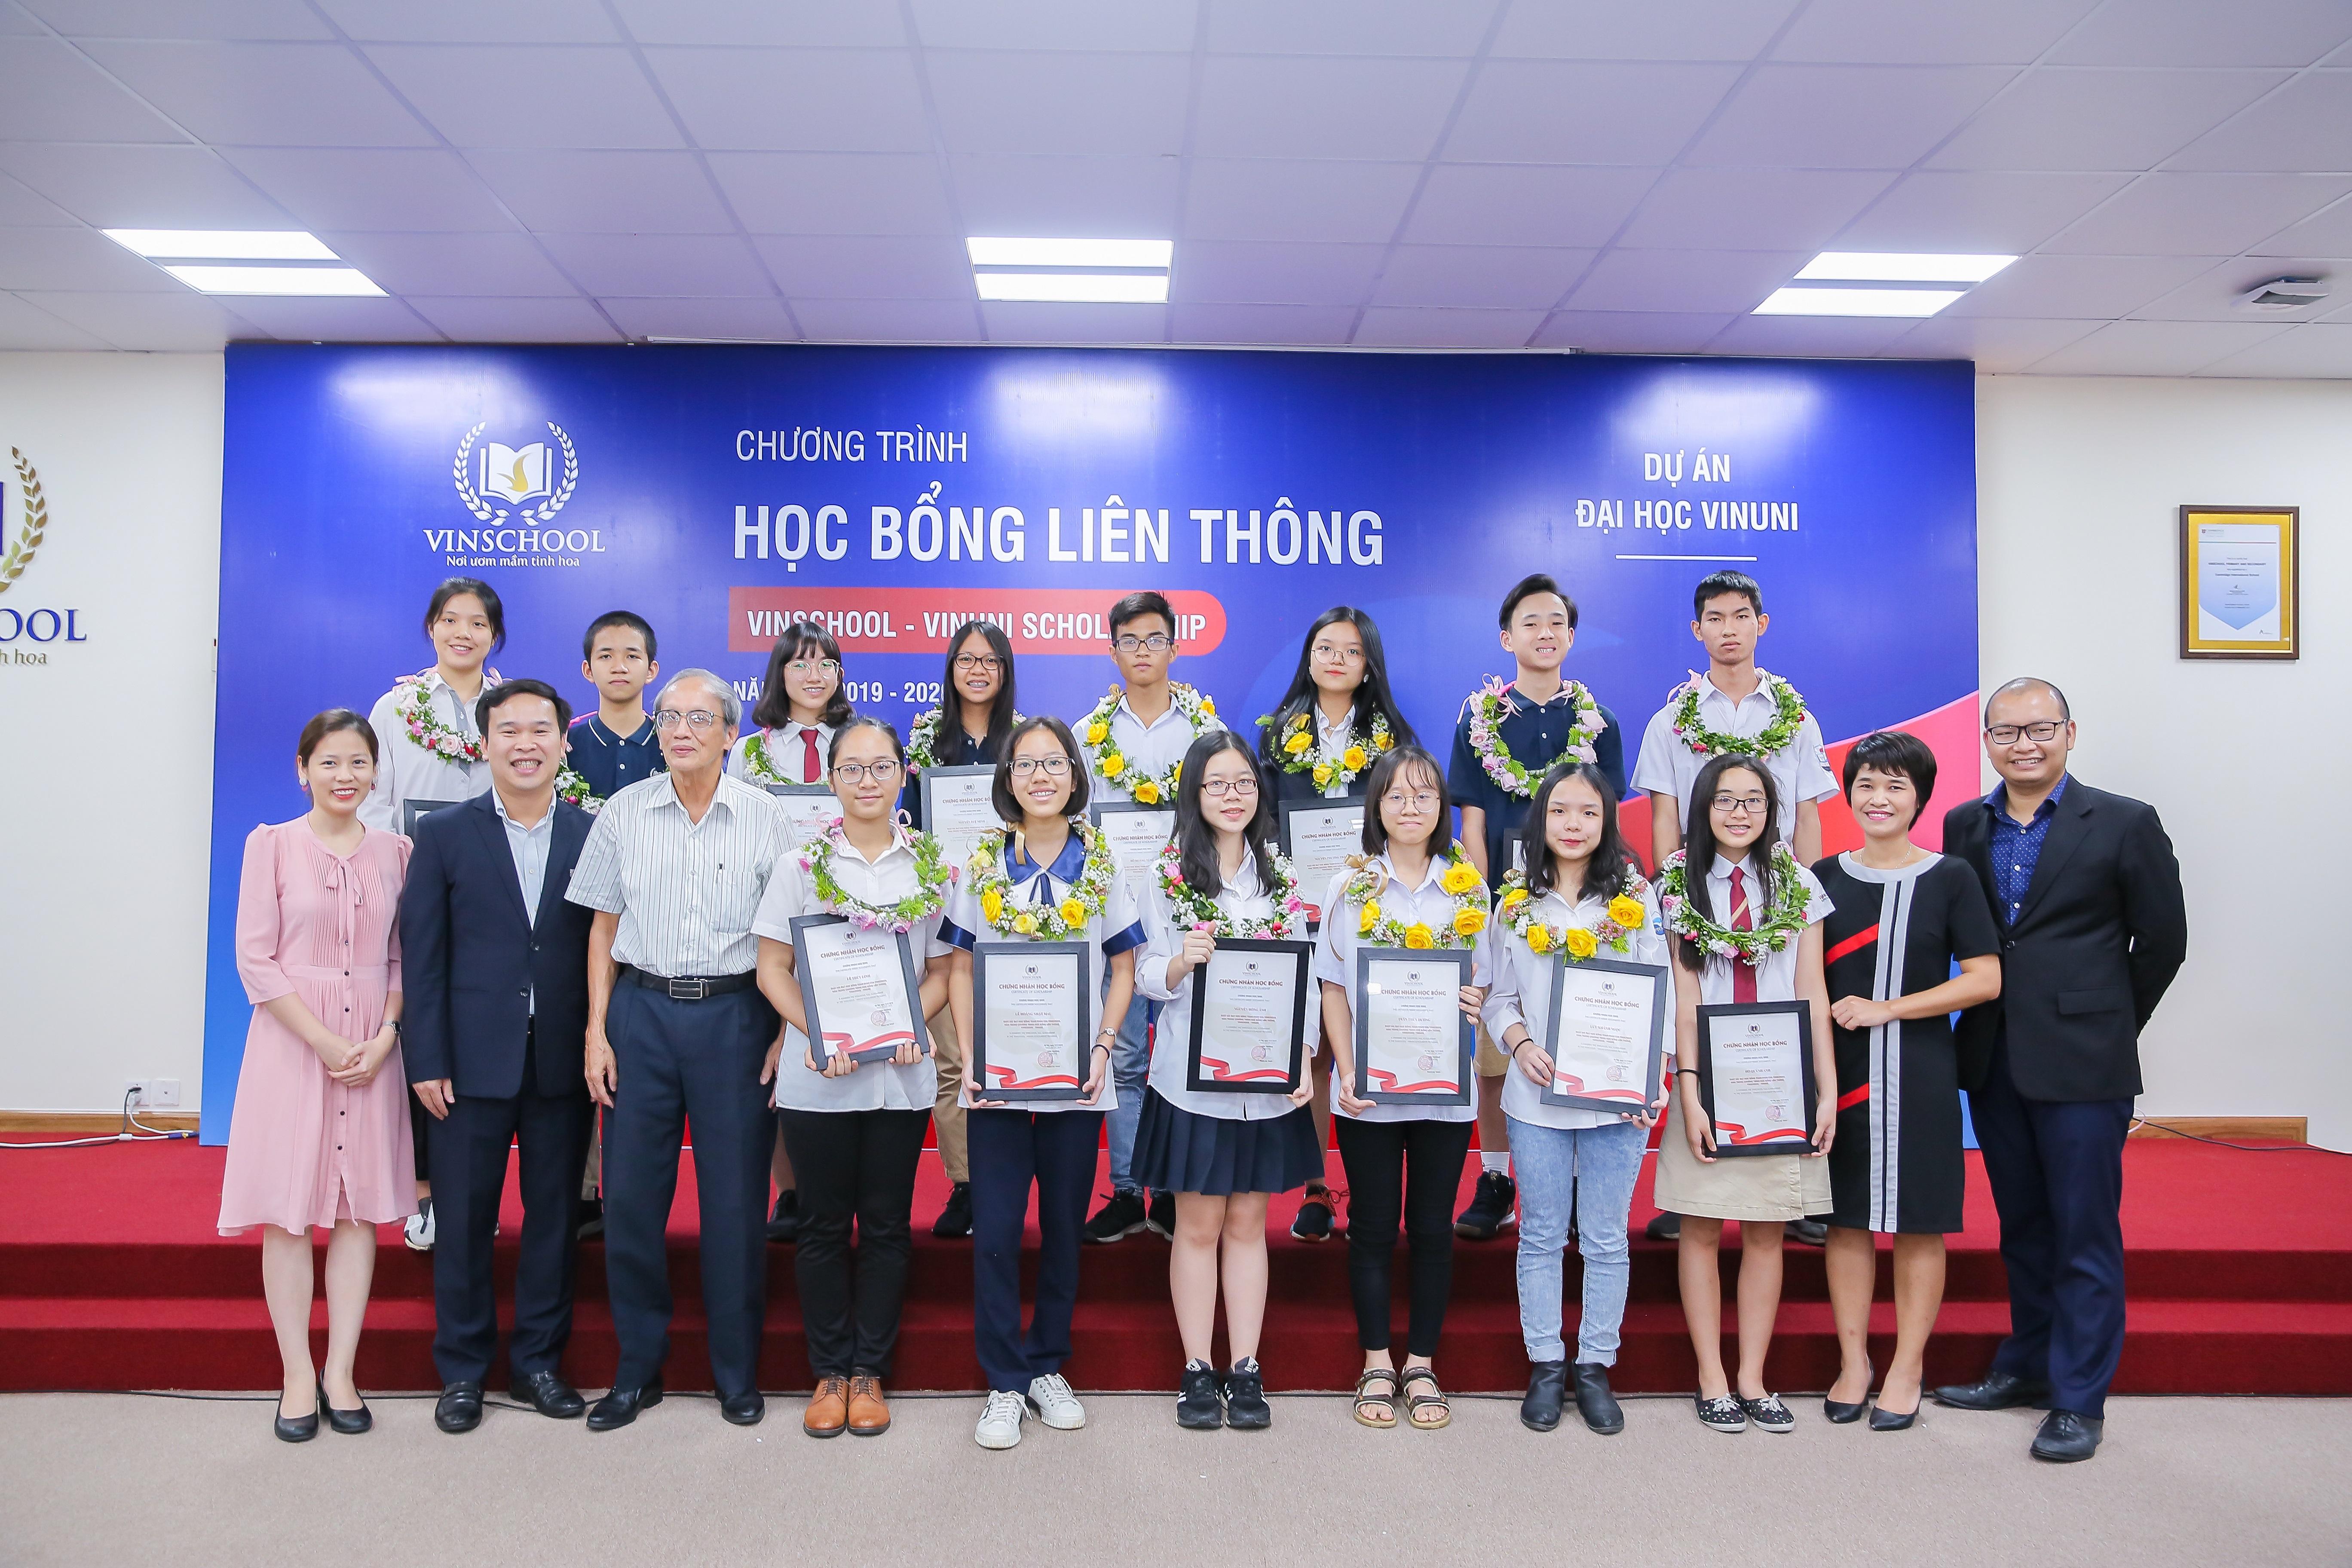 Chương trình Học bổng Liên thông Vinschool – VinUni năm học 2019 – 2020